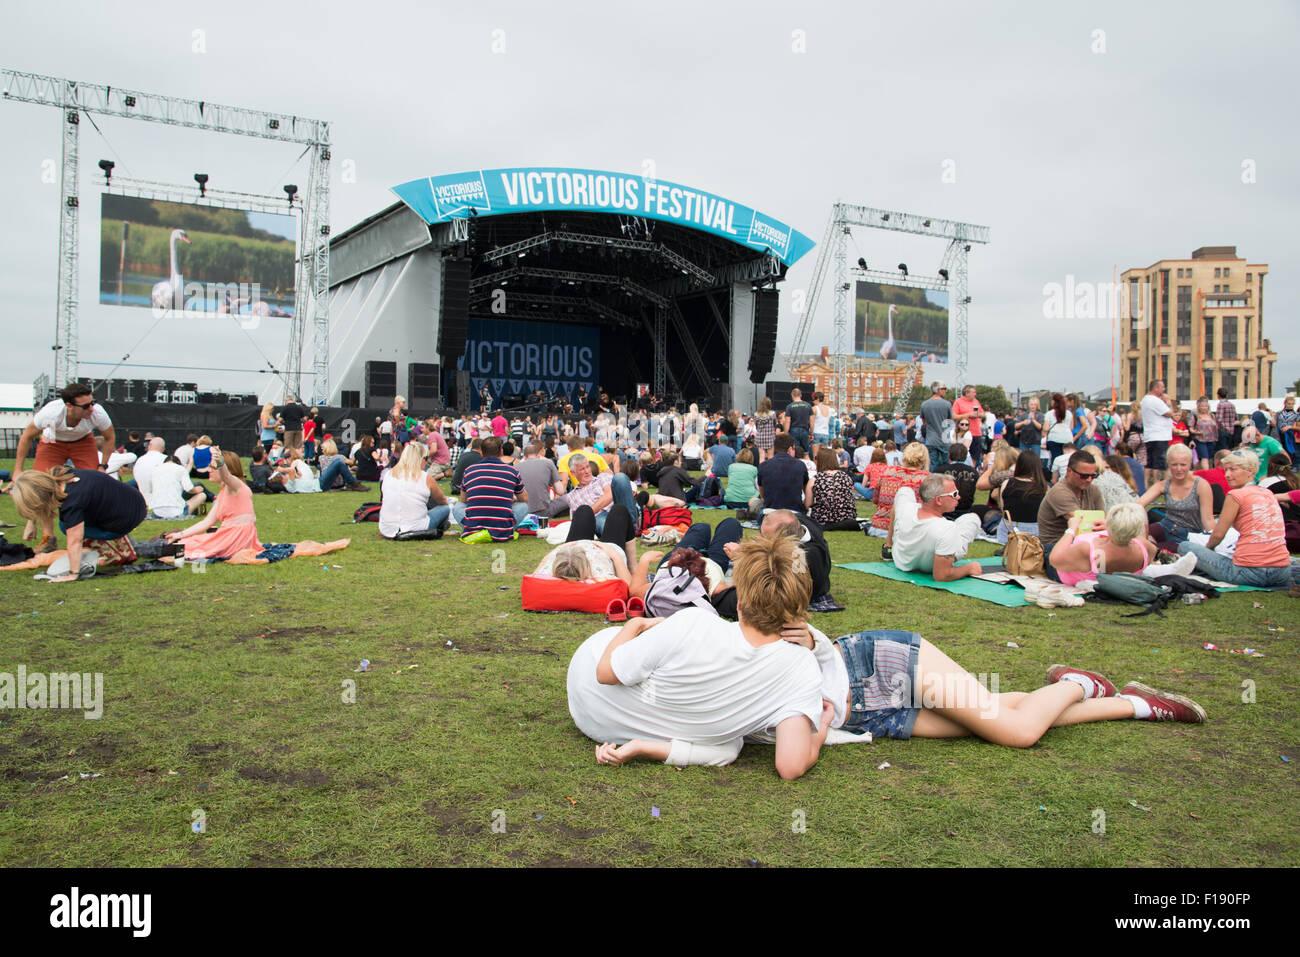 Portsmouth, UK. 29. August 2015. Siegreiche Festival - Samstag. Großen Kundenansturm auf der gemeinsamen Bühne bei Stockfoto